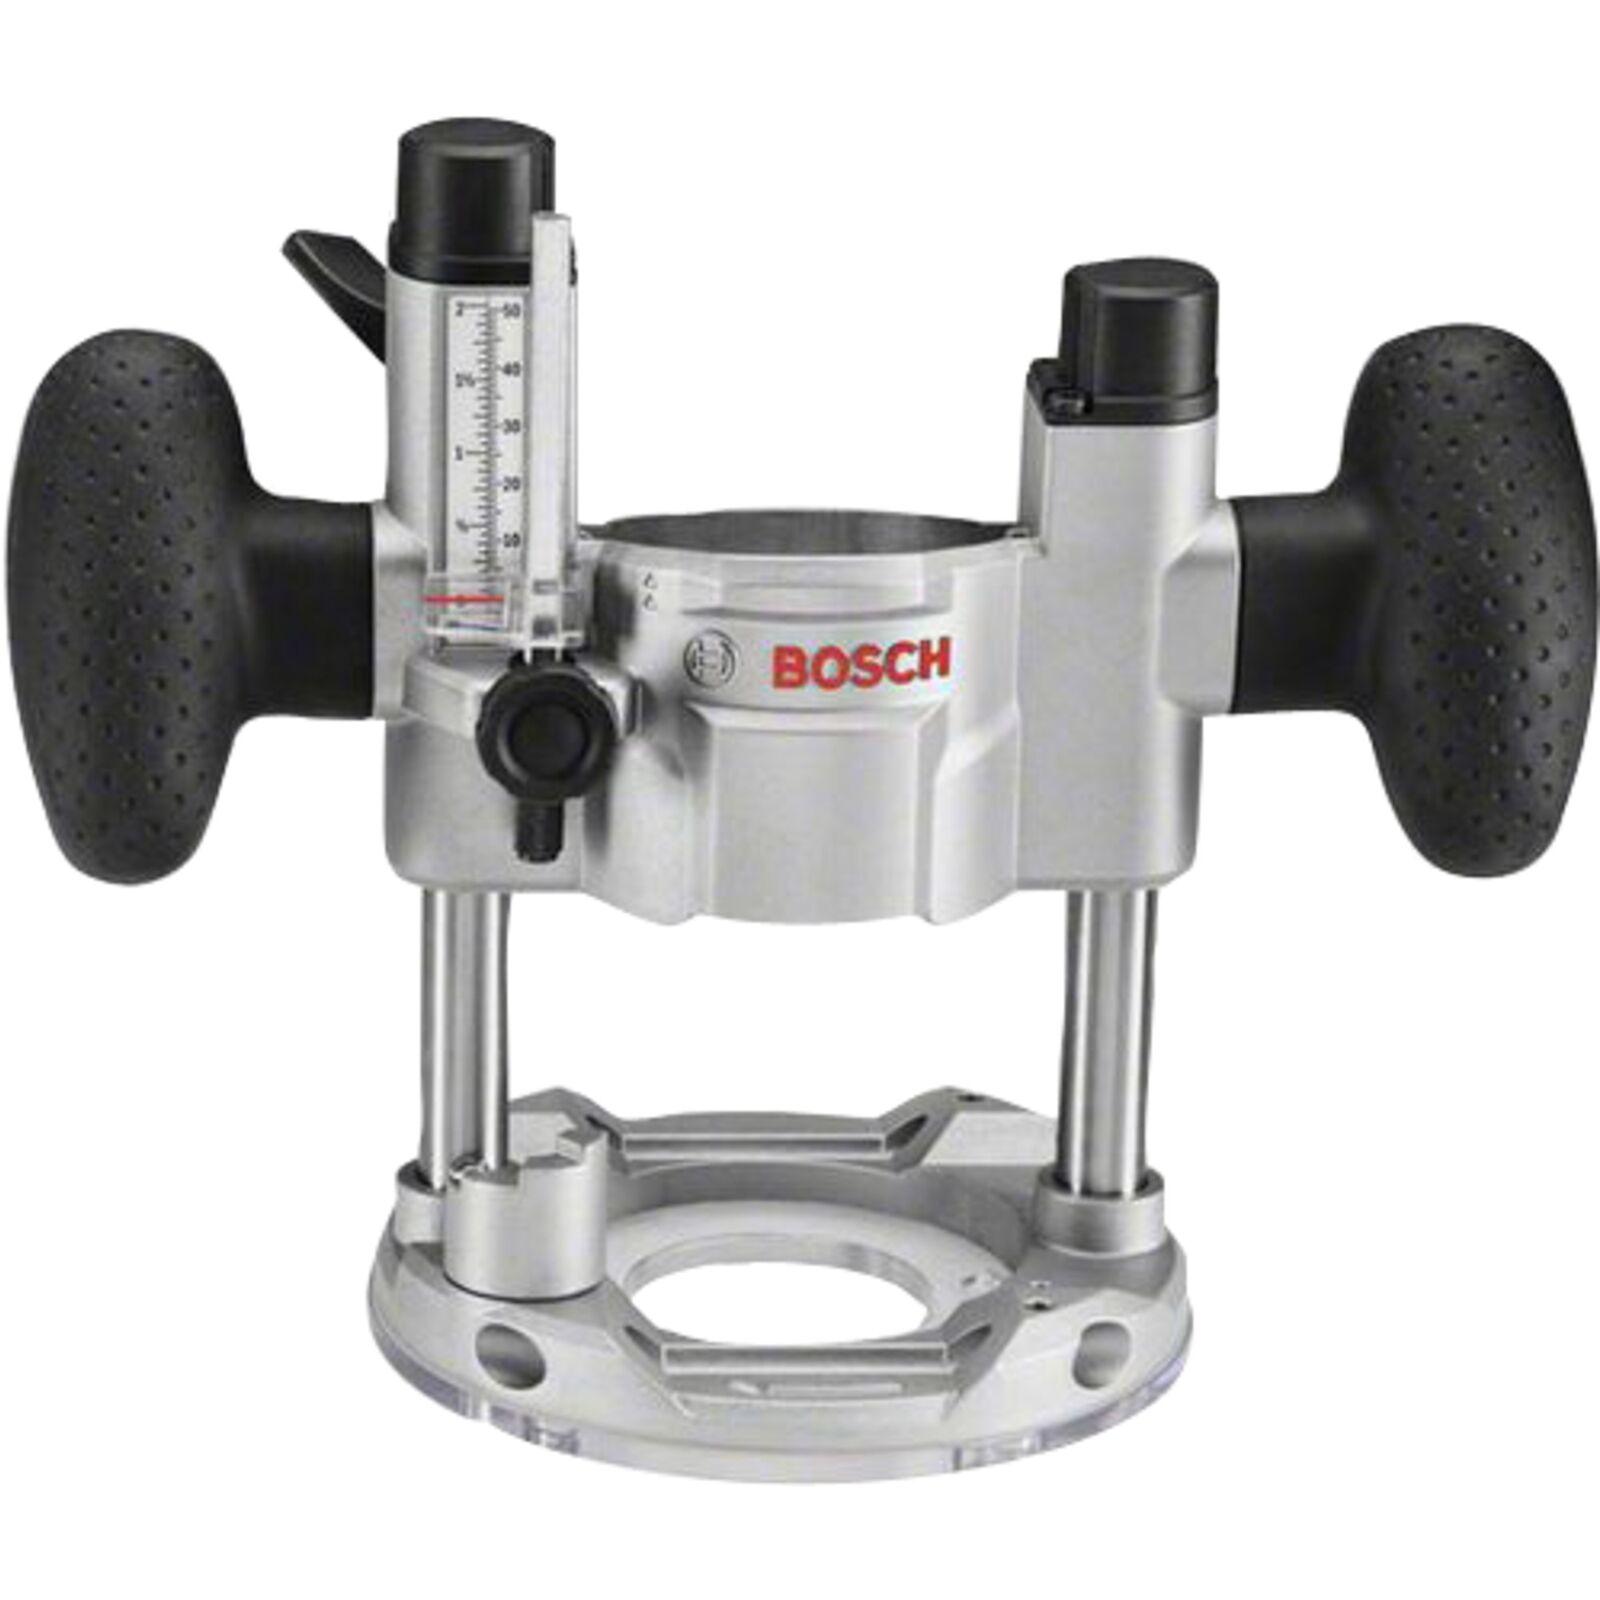 Bosch Professional Taucheinheit TE 600, Führung